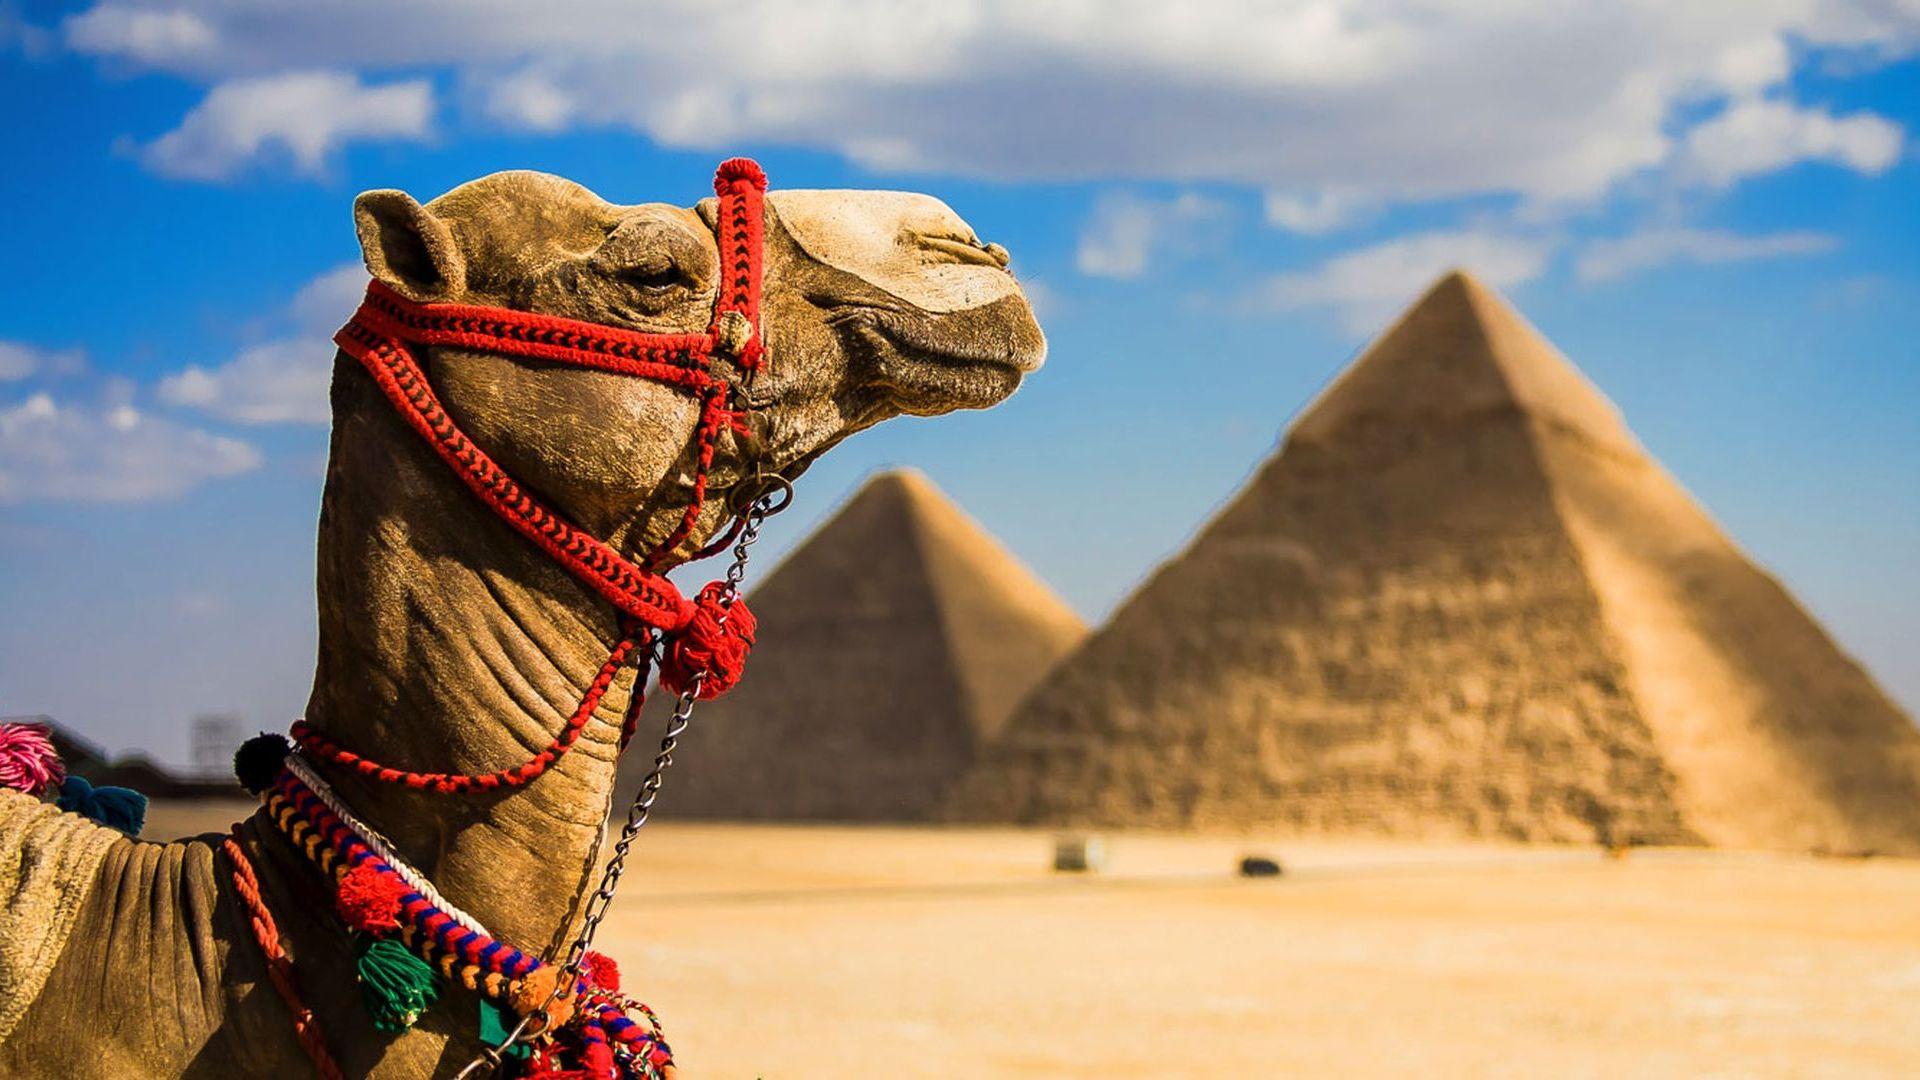 Egypt 1920 × 1080